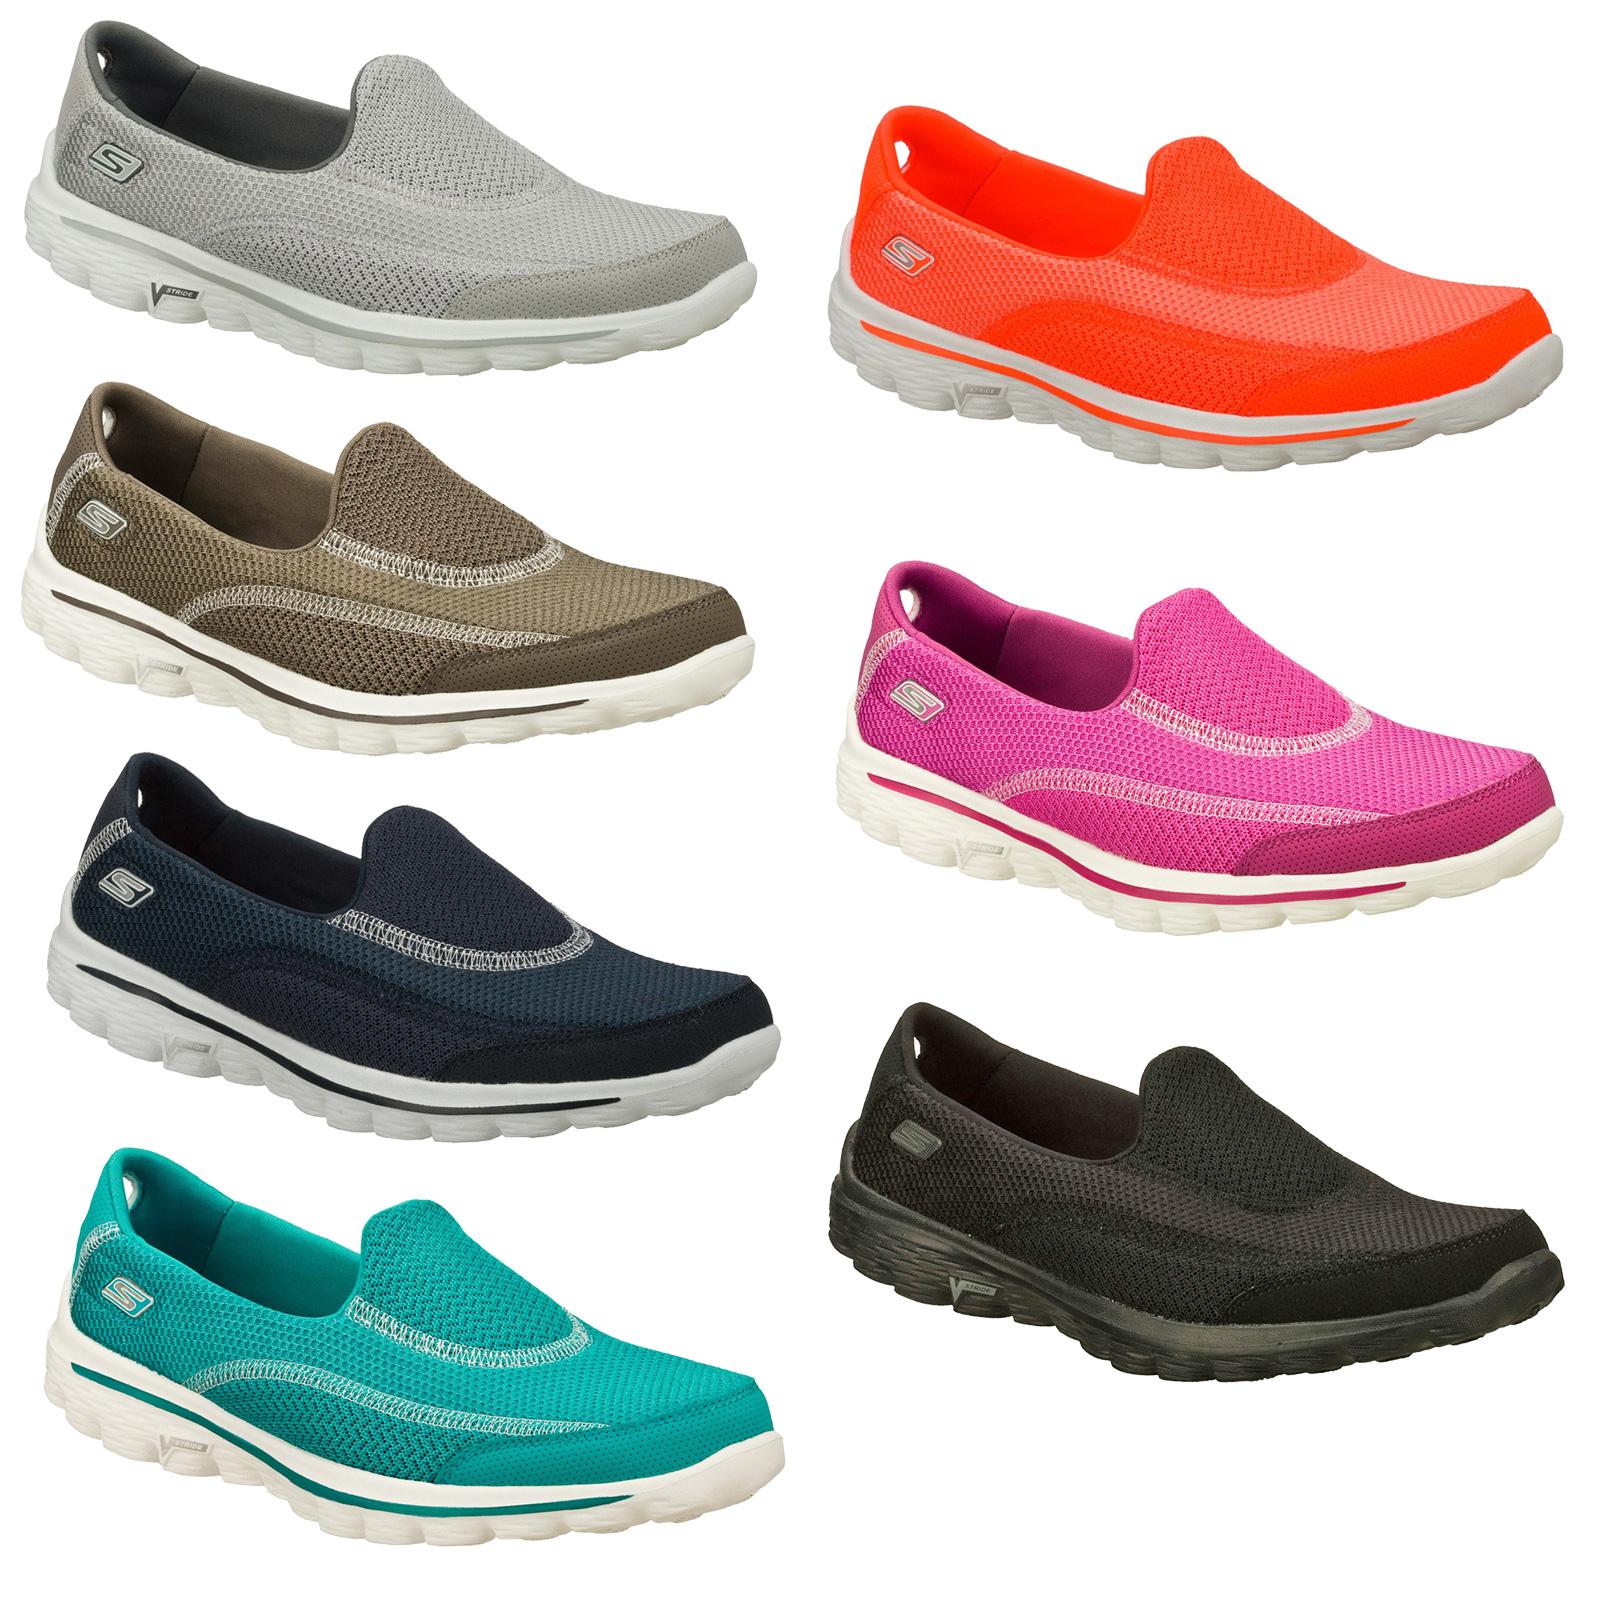 zapatos skechers para mujer SRZEPKH